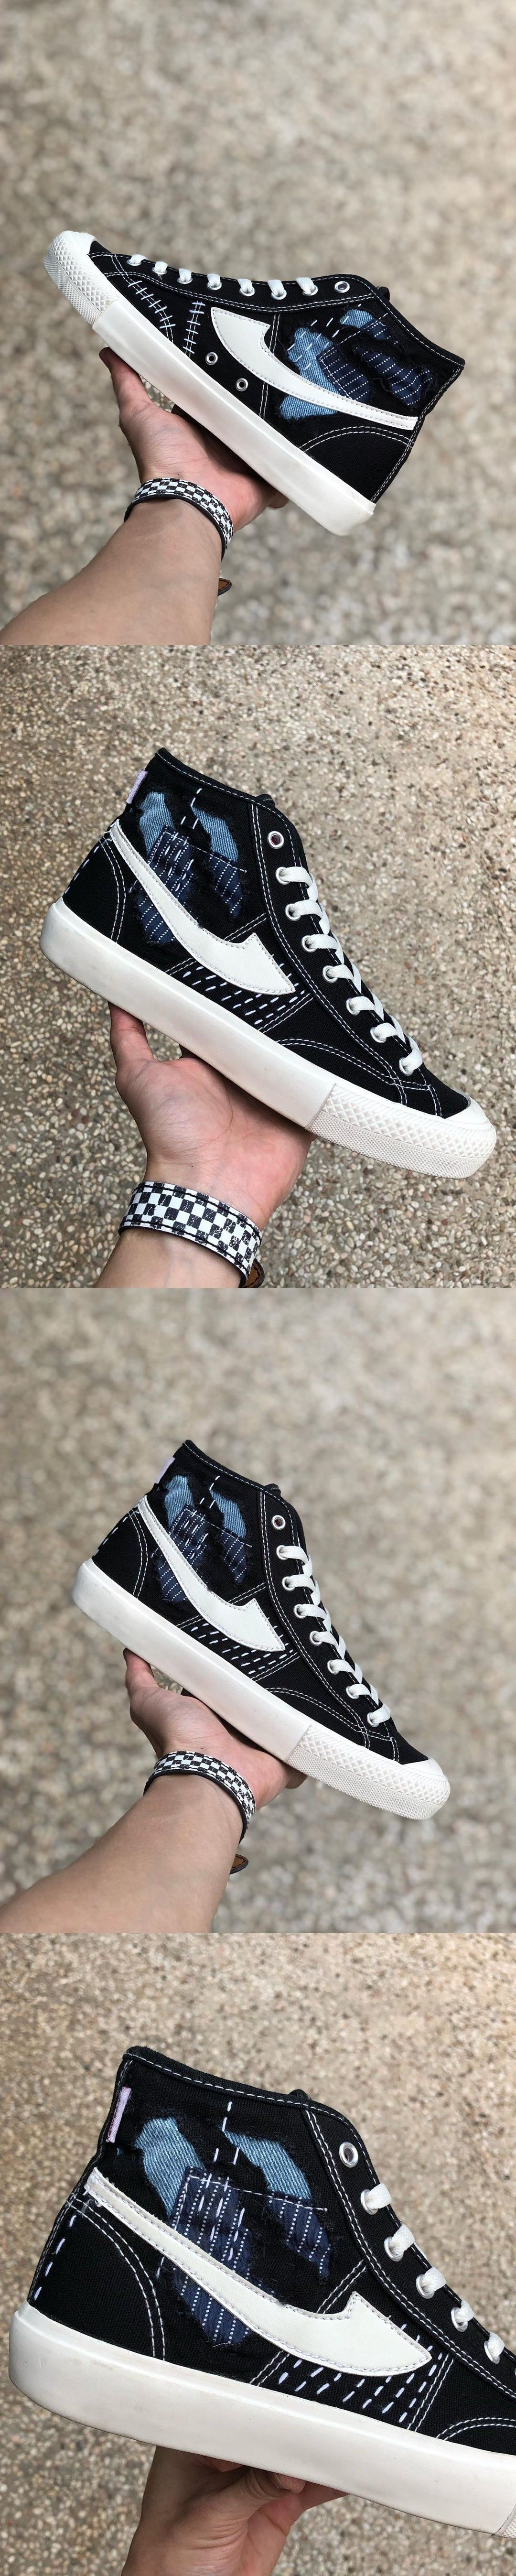 Sepatu Compass Custom Sashiko Destroy By Pattern X Di 2020 Sepatu